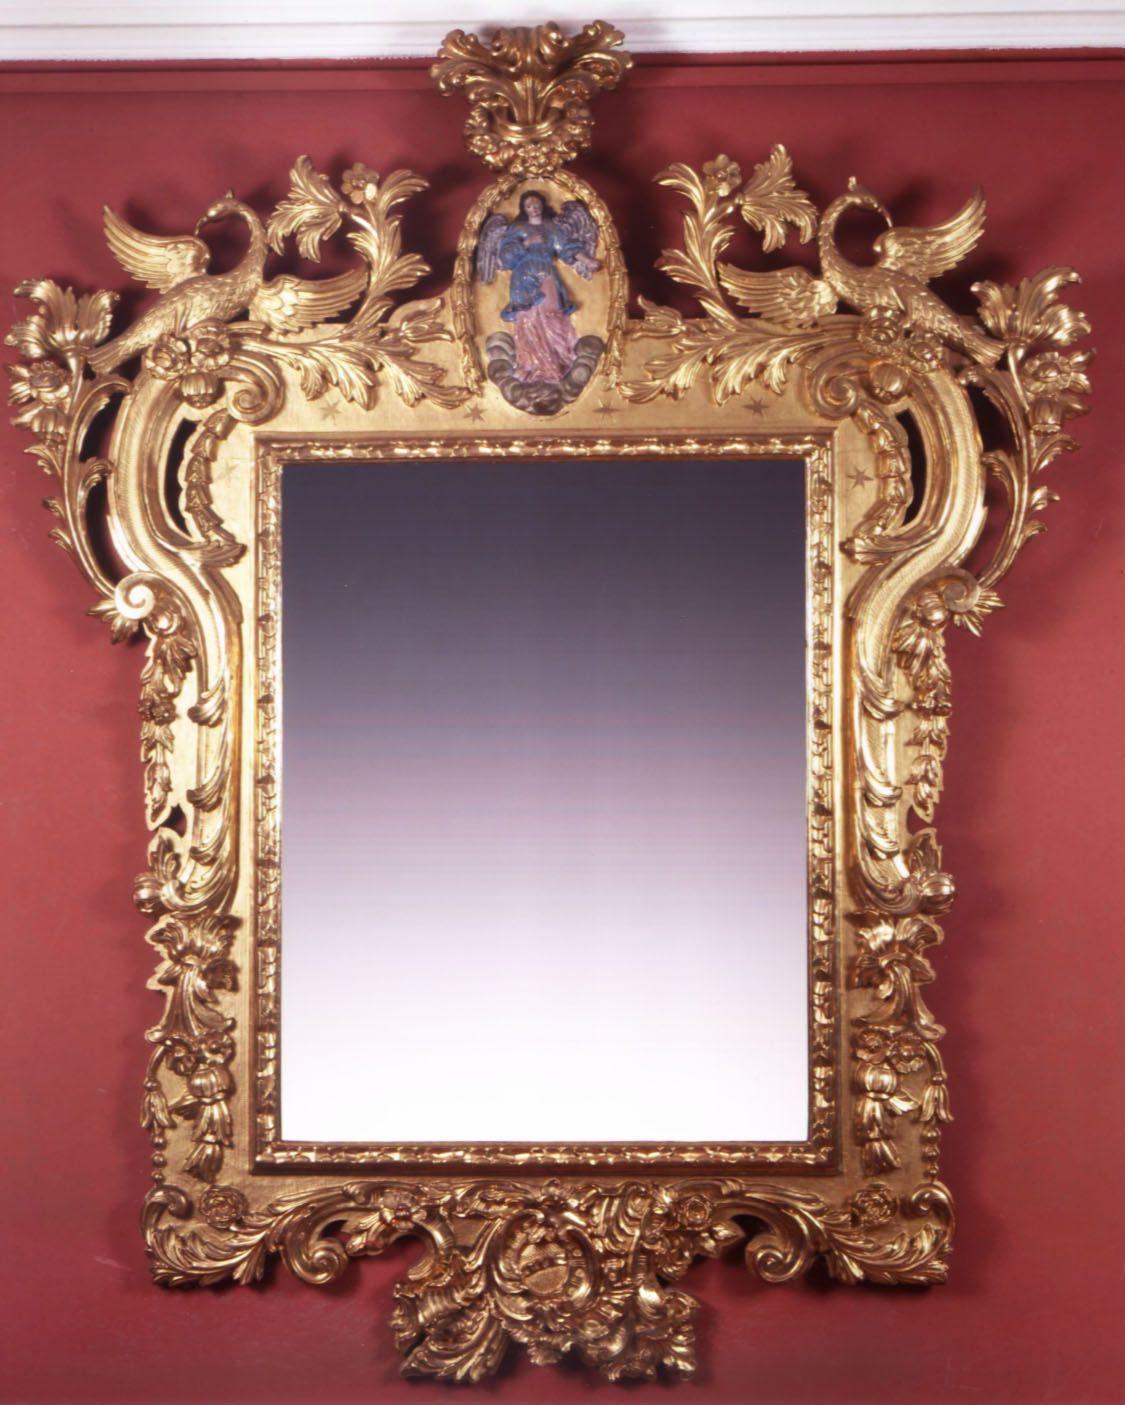 Espejo barroco espa ol siglo xviii esmadeco mueble for Espejo barroco